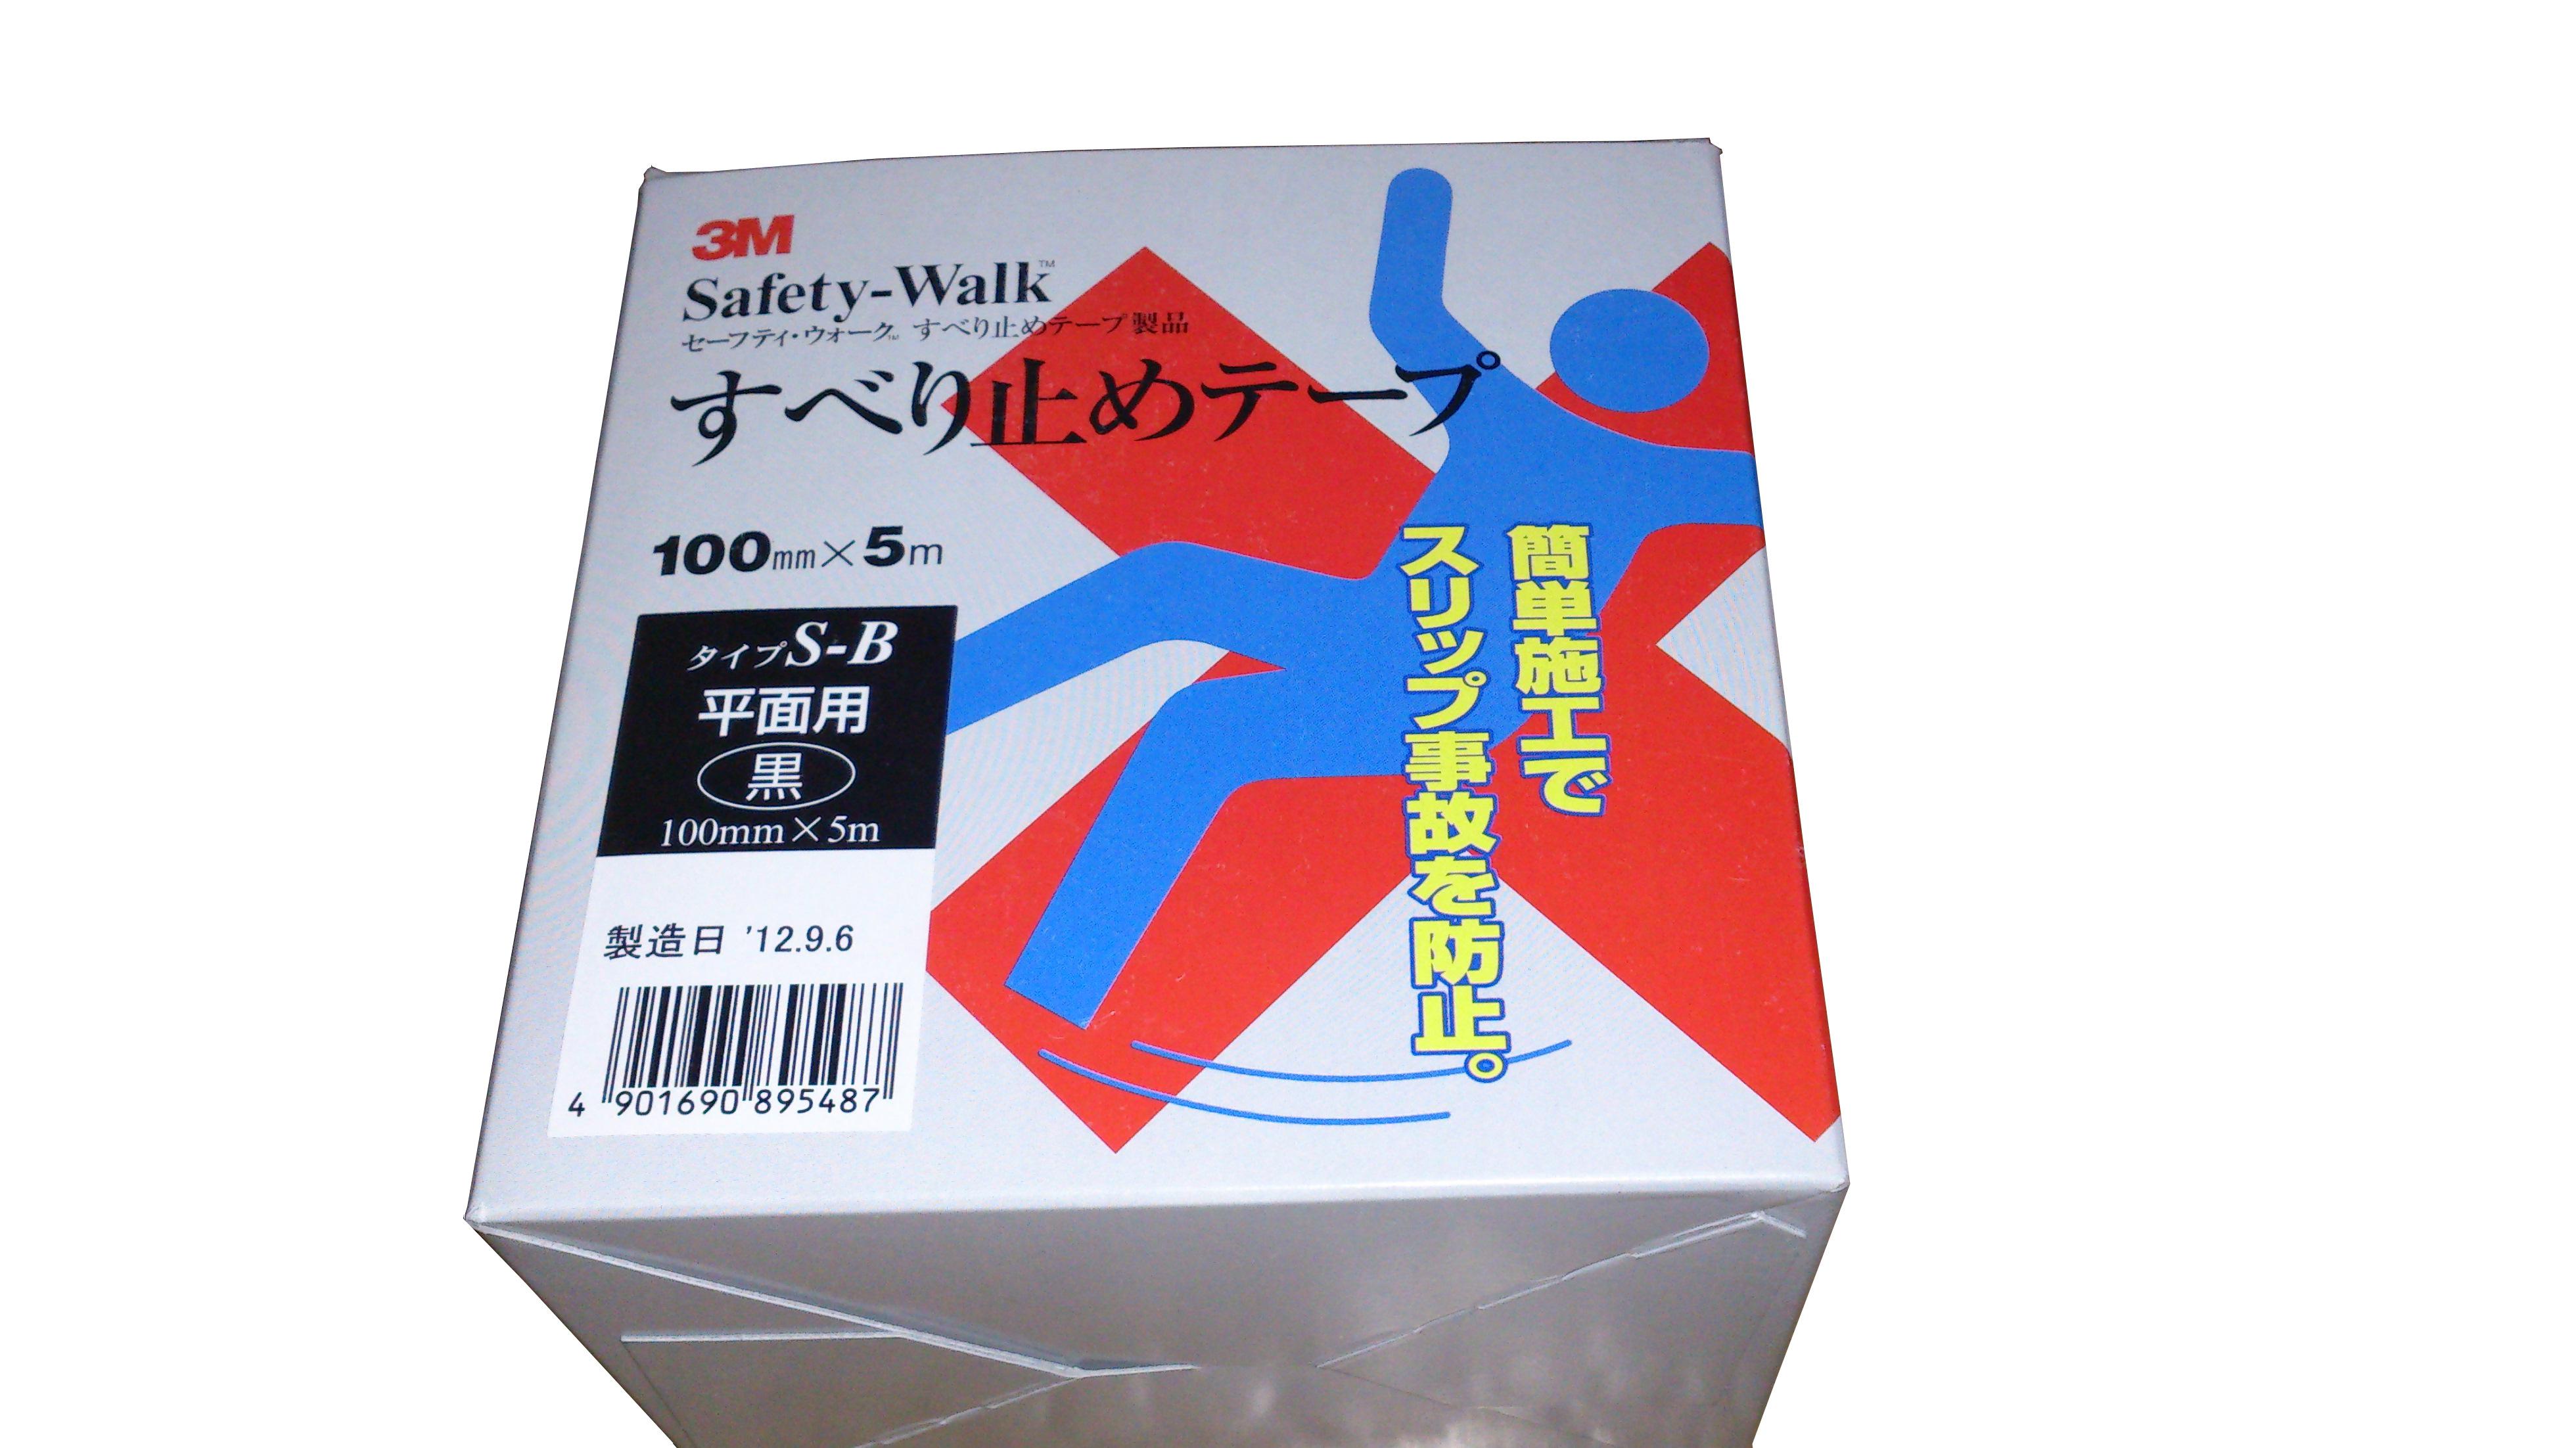 3Mセーフティ・ウォークすべり止めテープSB 黄色と黒 100mm幅x5m